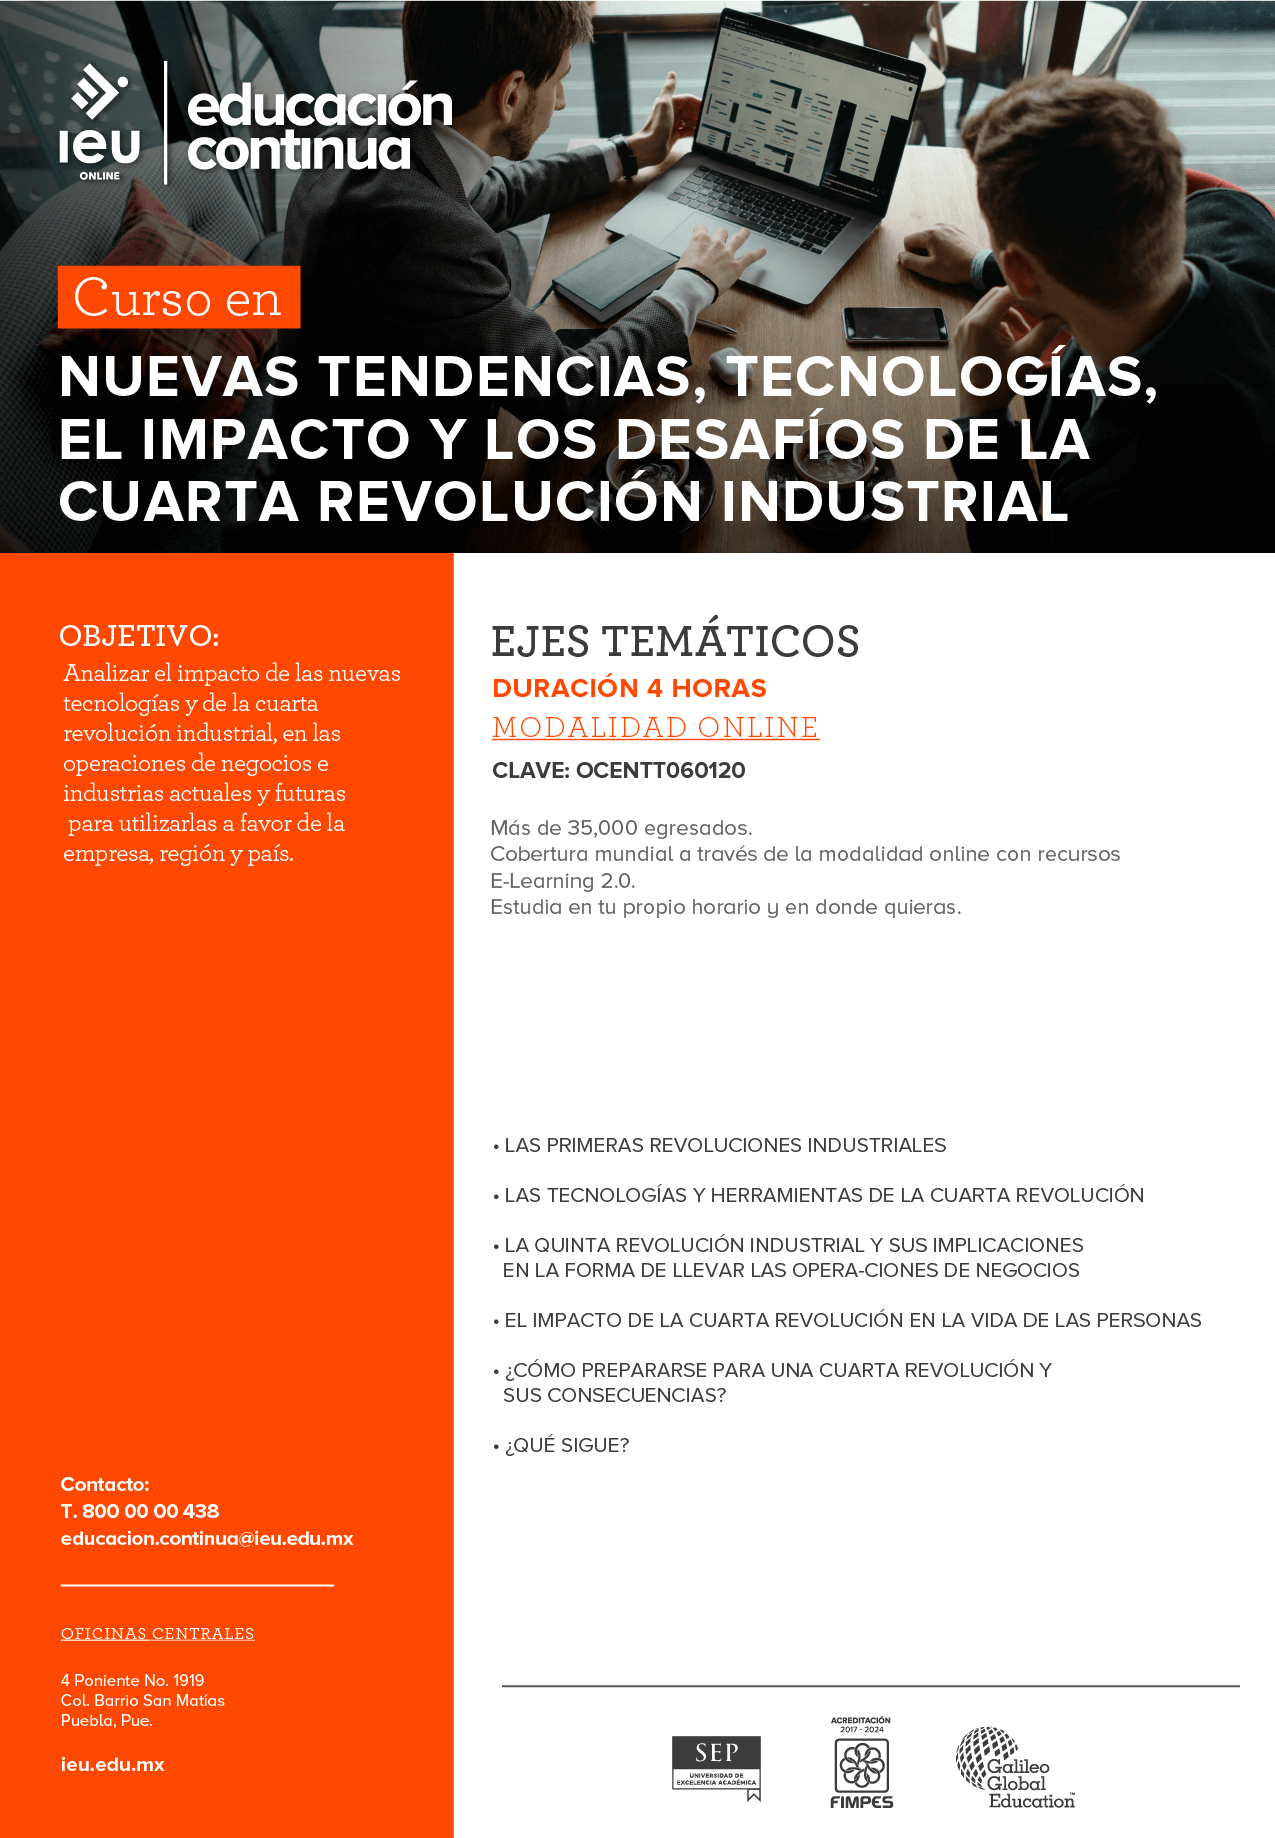 Nuevas tendencias, tecnologías, el impacto y los desafíos de la cuarta revolución industrial